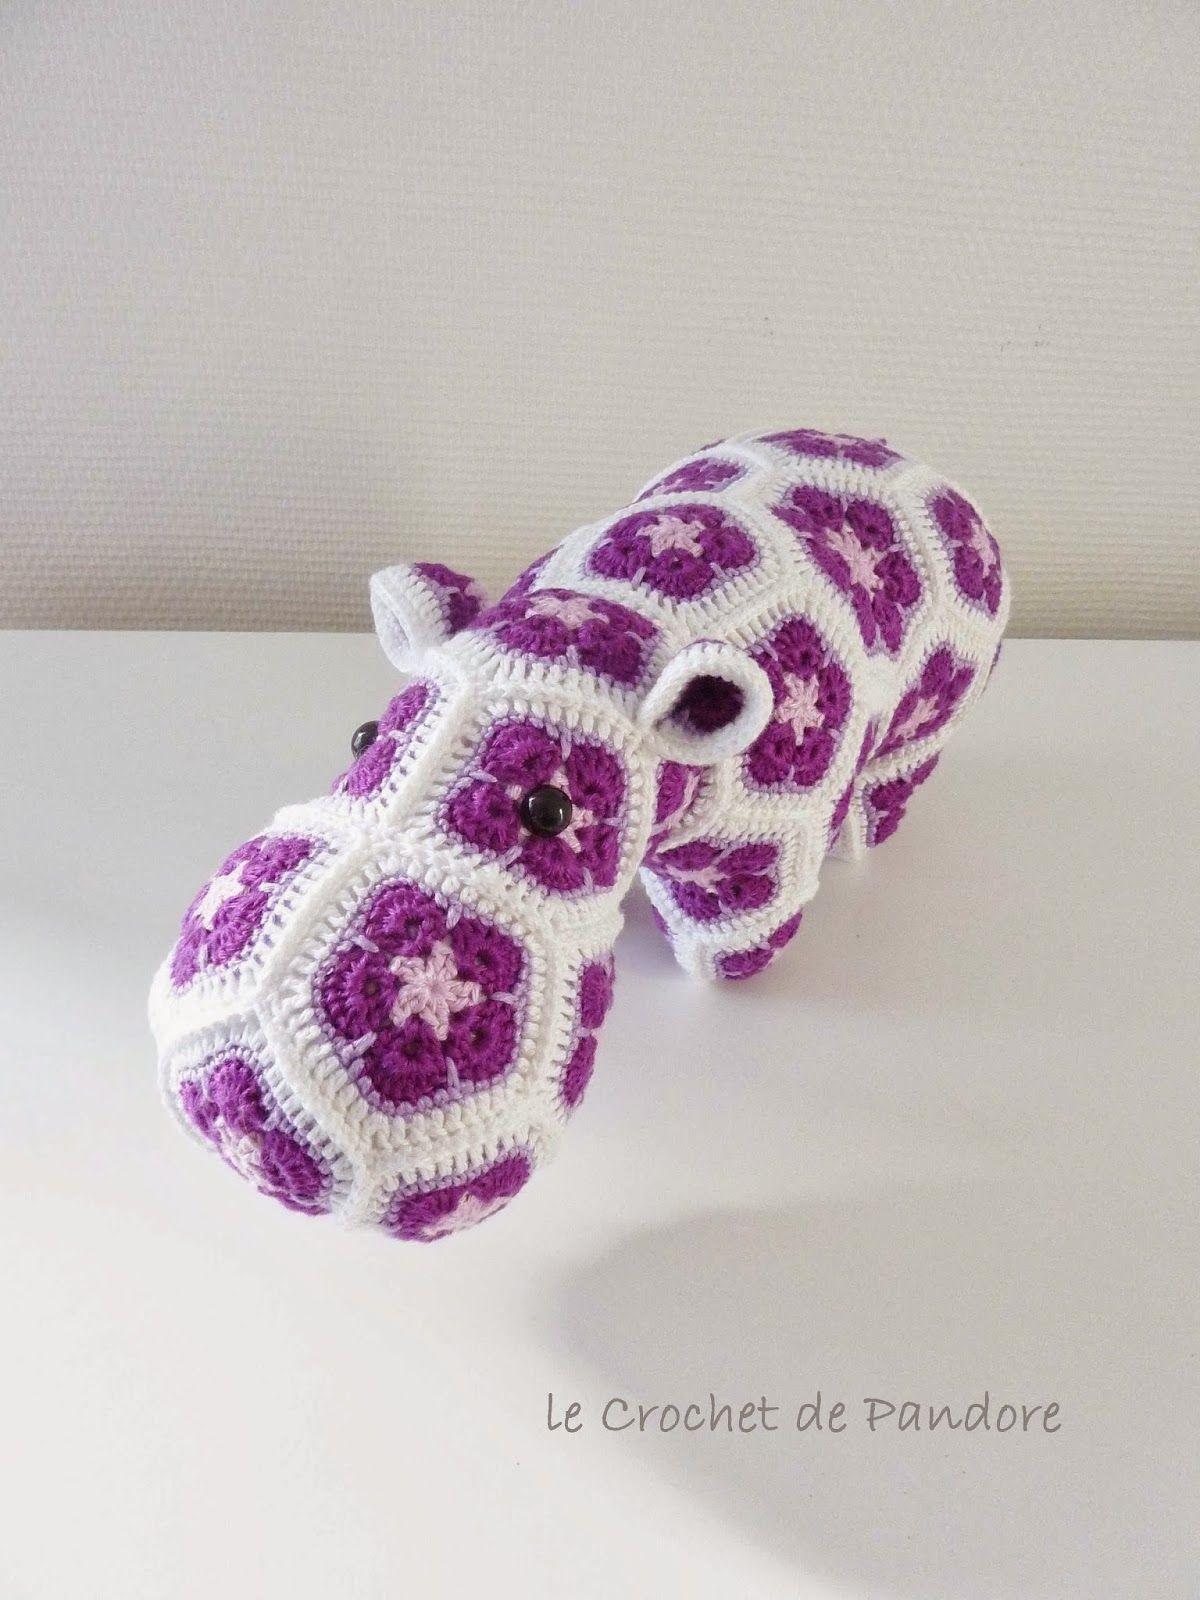 le Crochet de Pandore: Crochet amigurumis | amigu | Pinterest | Croché